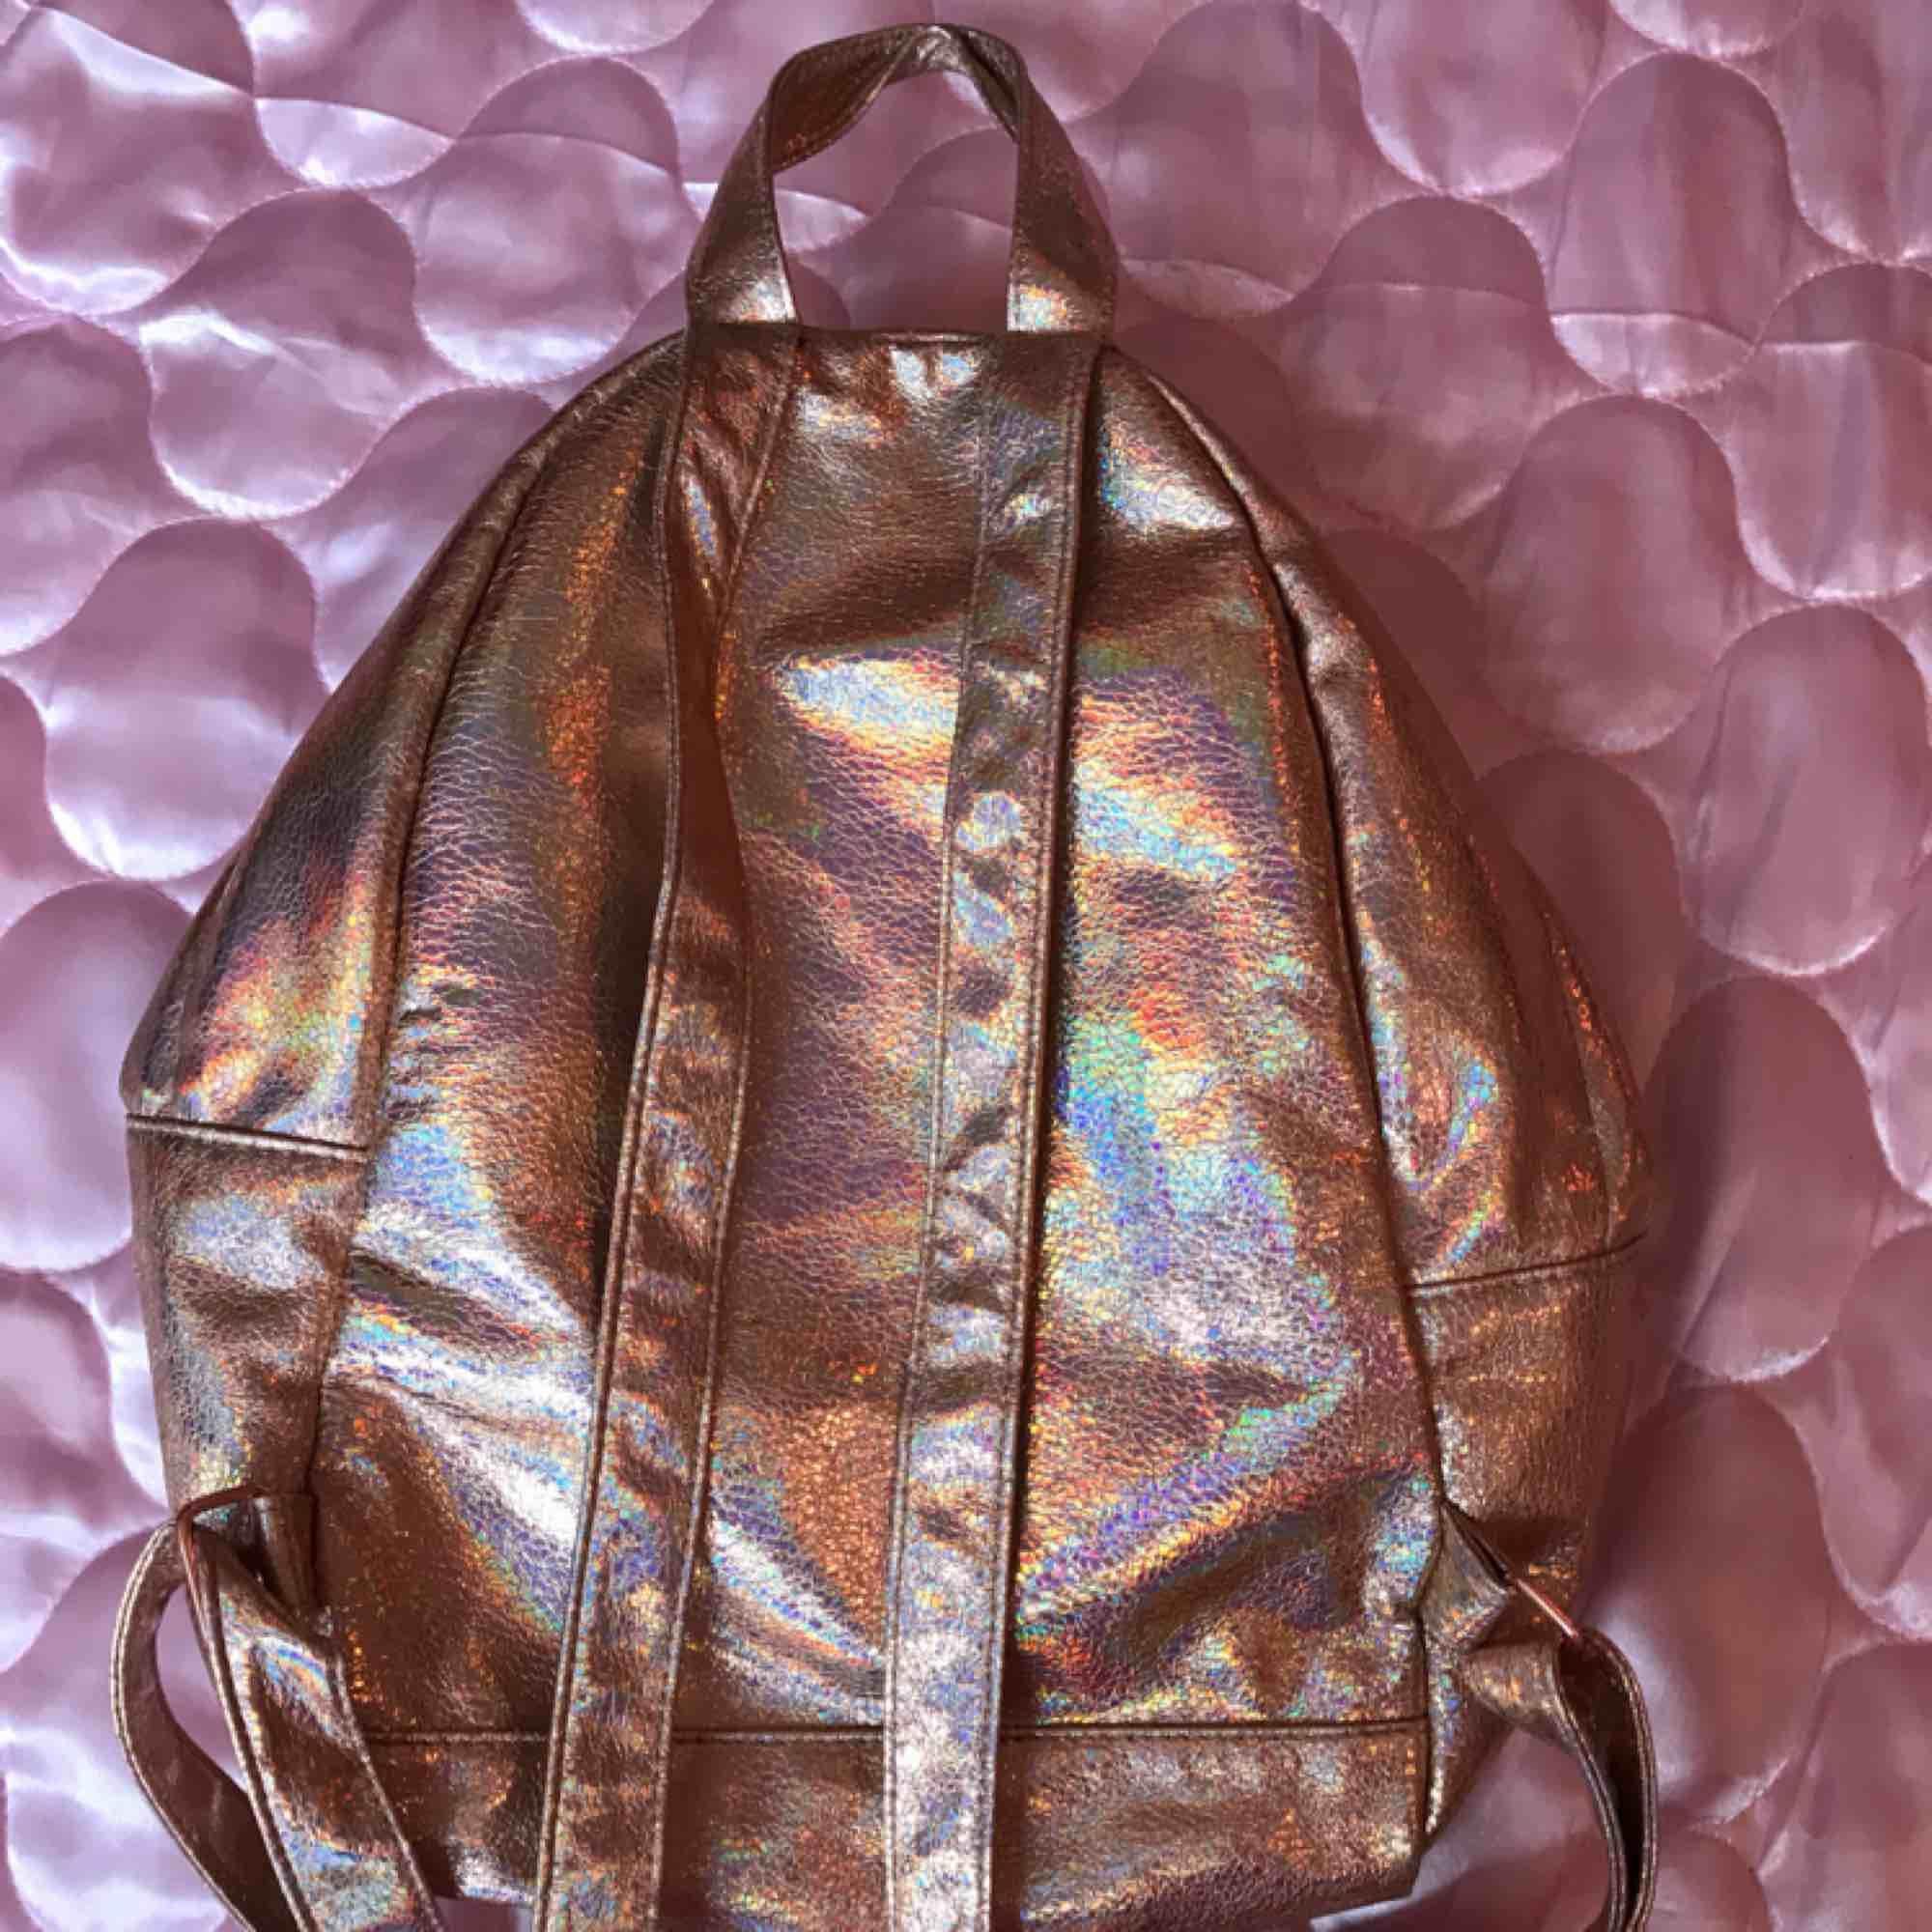 Rosa hologramväska från Asos använd 1 gång endast! Swisha 160:- så skickar jag via post asap! DMa mig för telefonnr å din adress <3 Xoxo . Väskor.